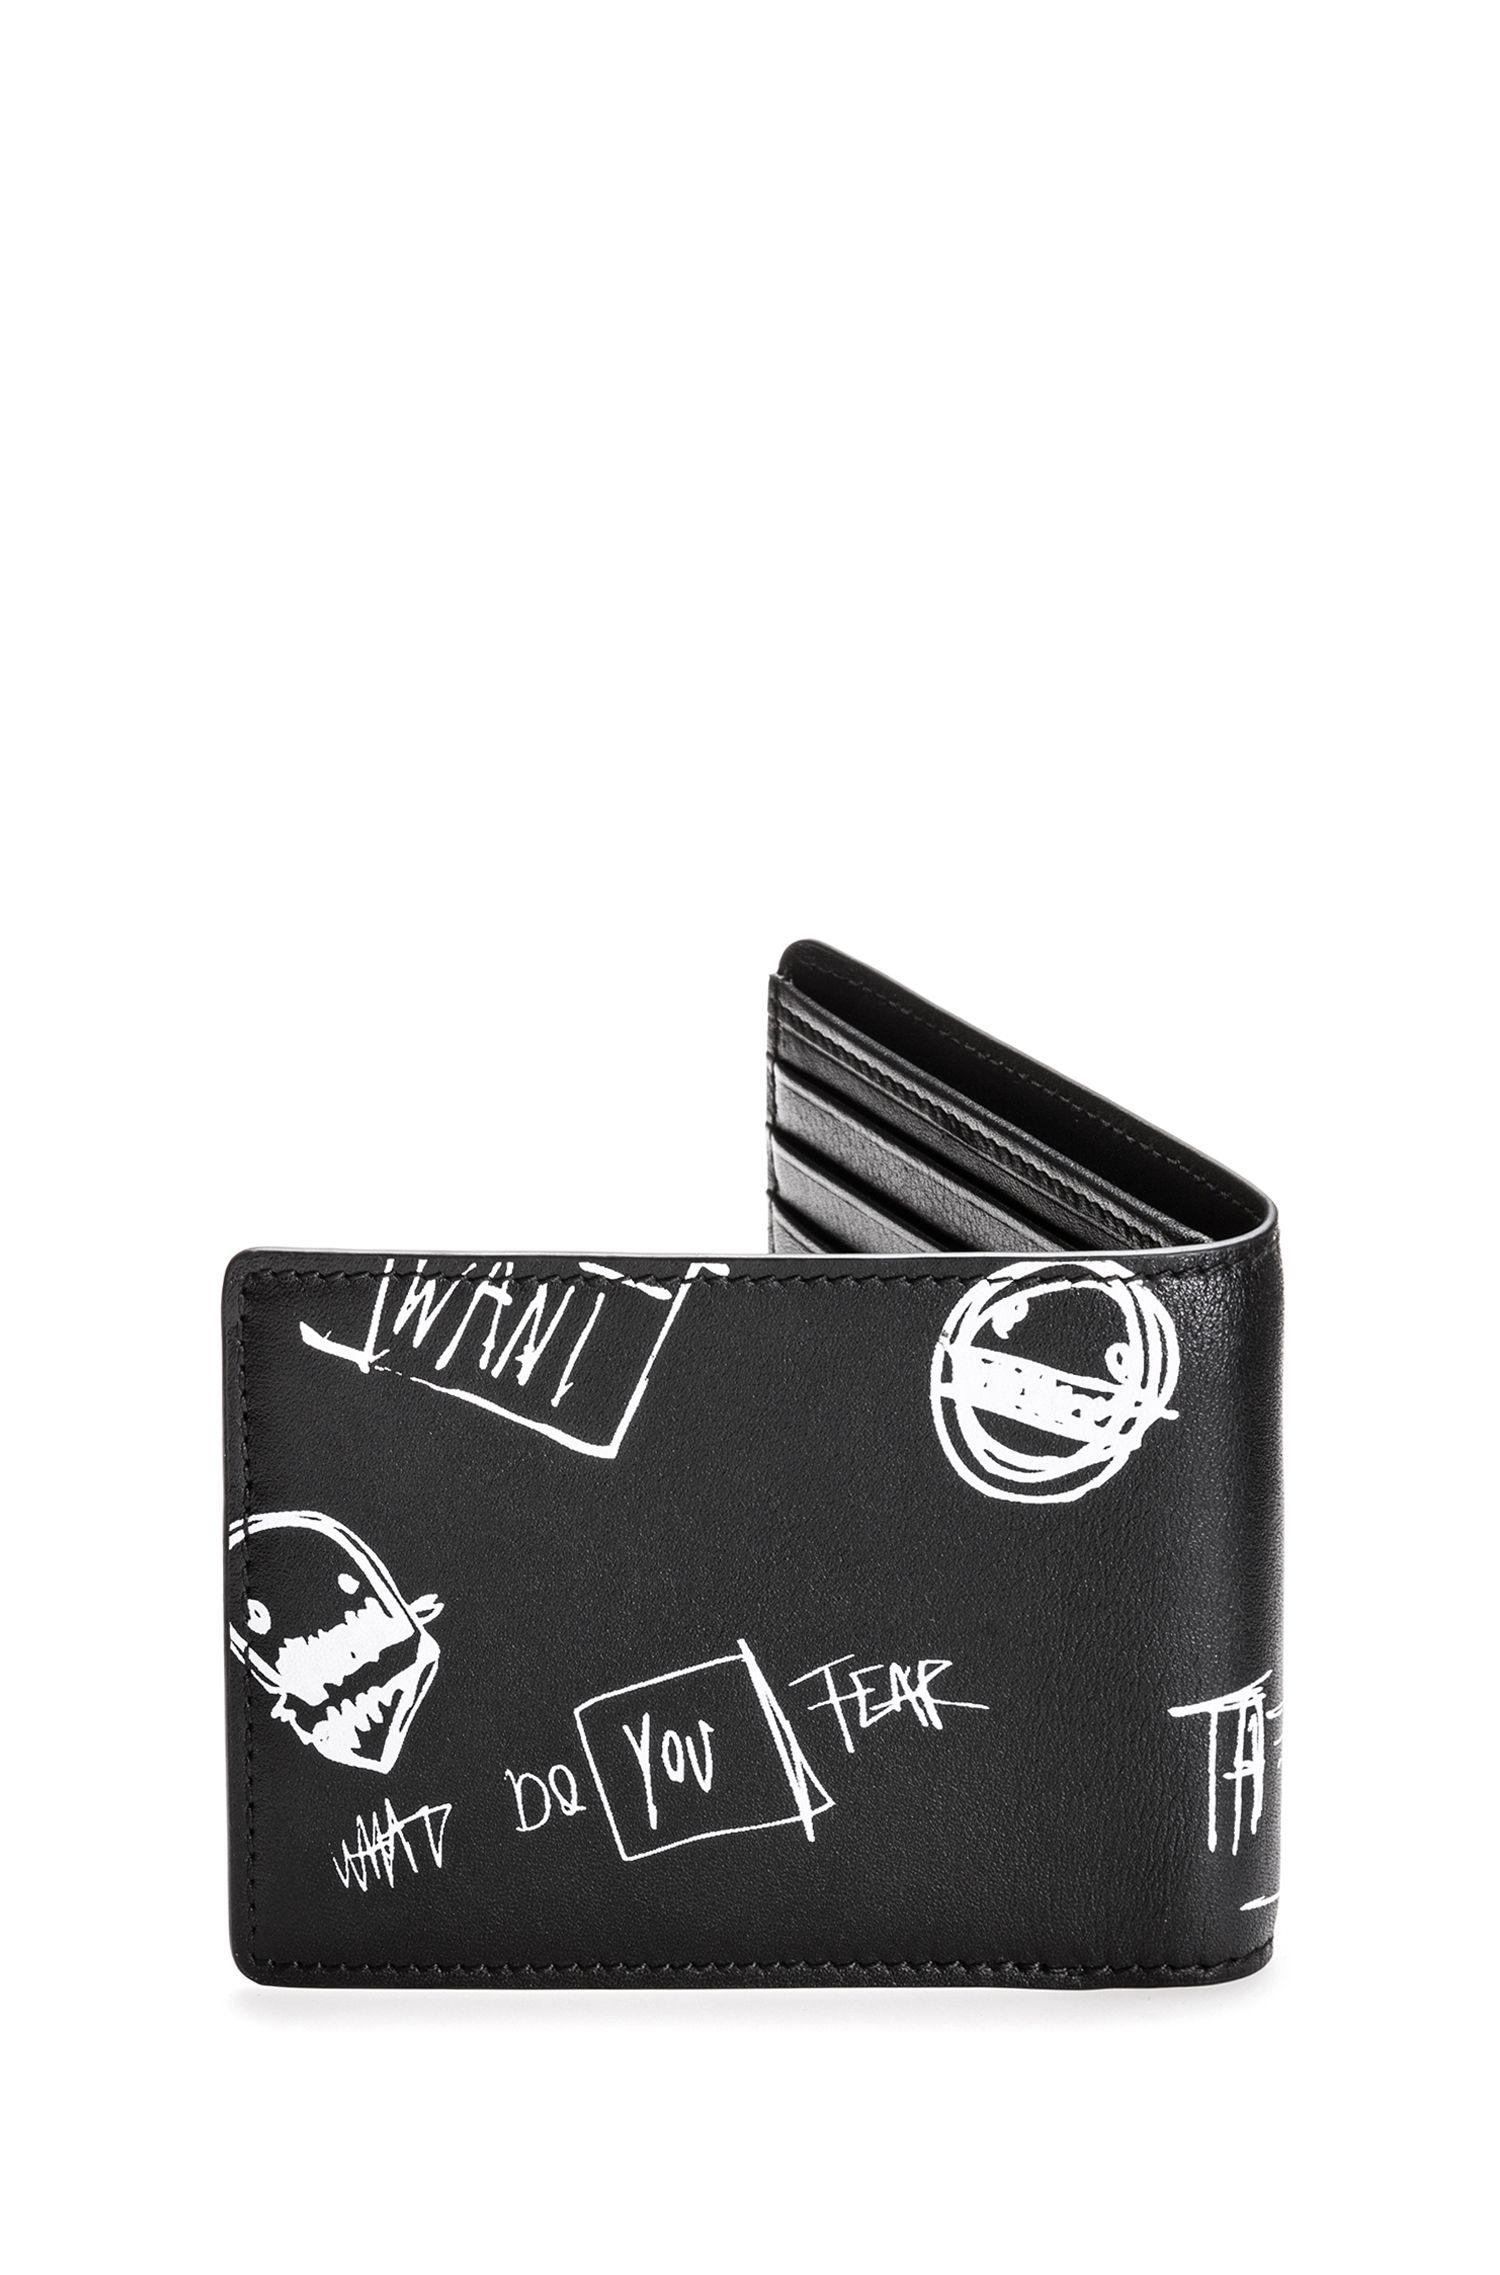 Portafoglio bi-fold in pelle con motivo grafico stile graffiti